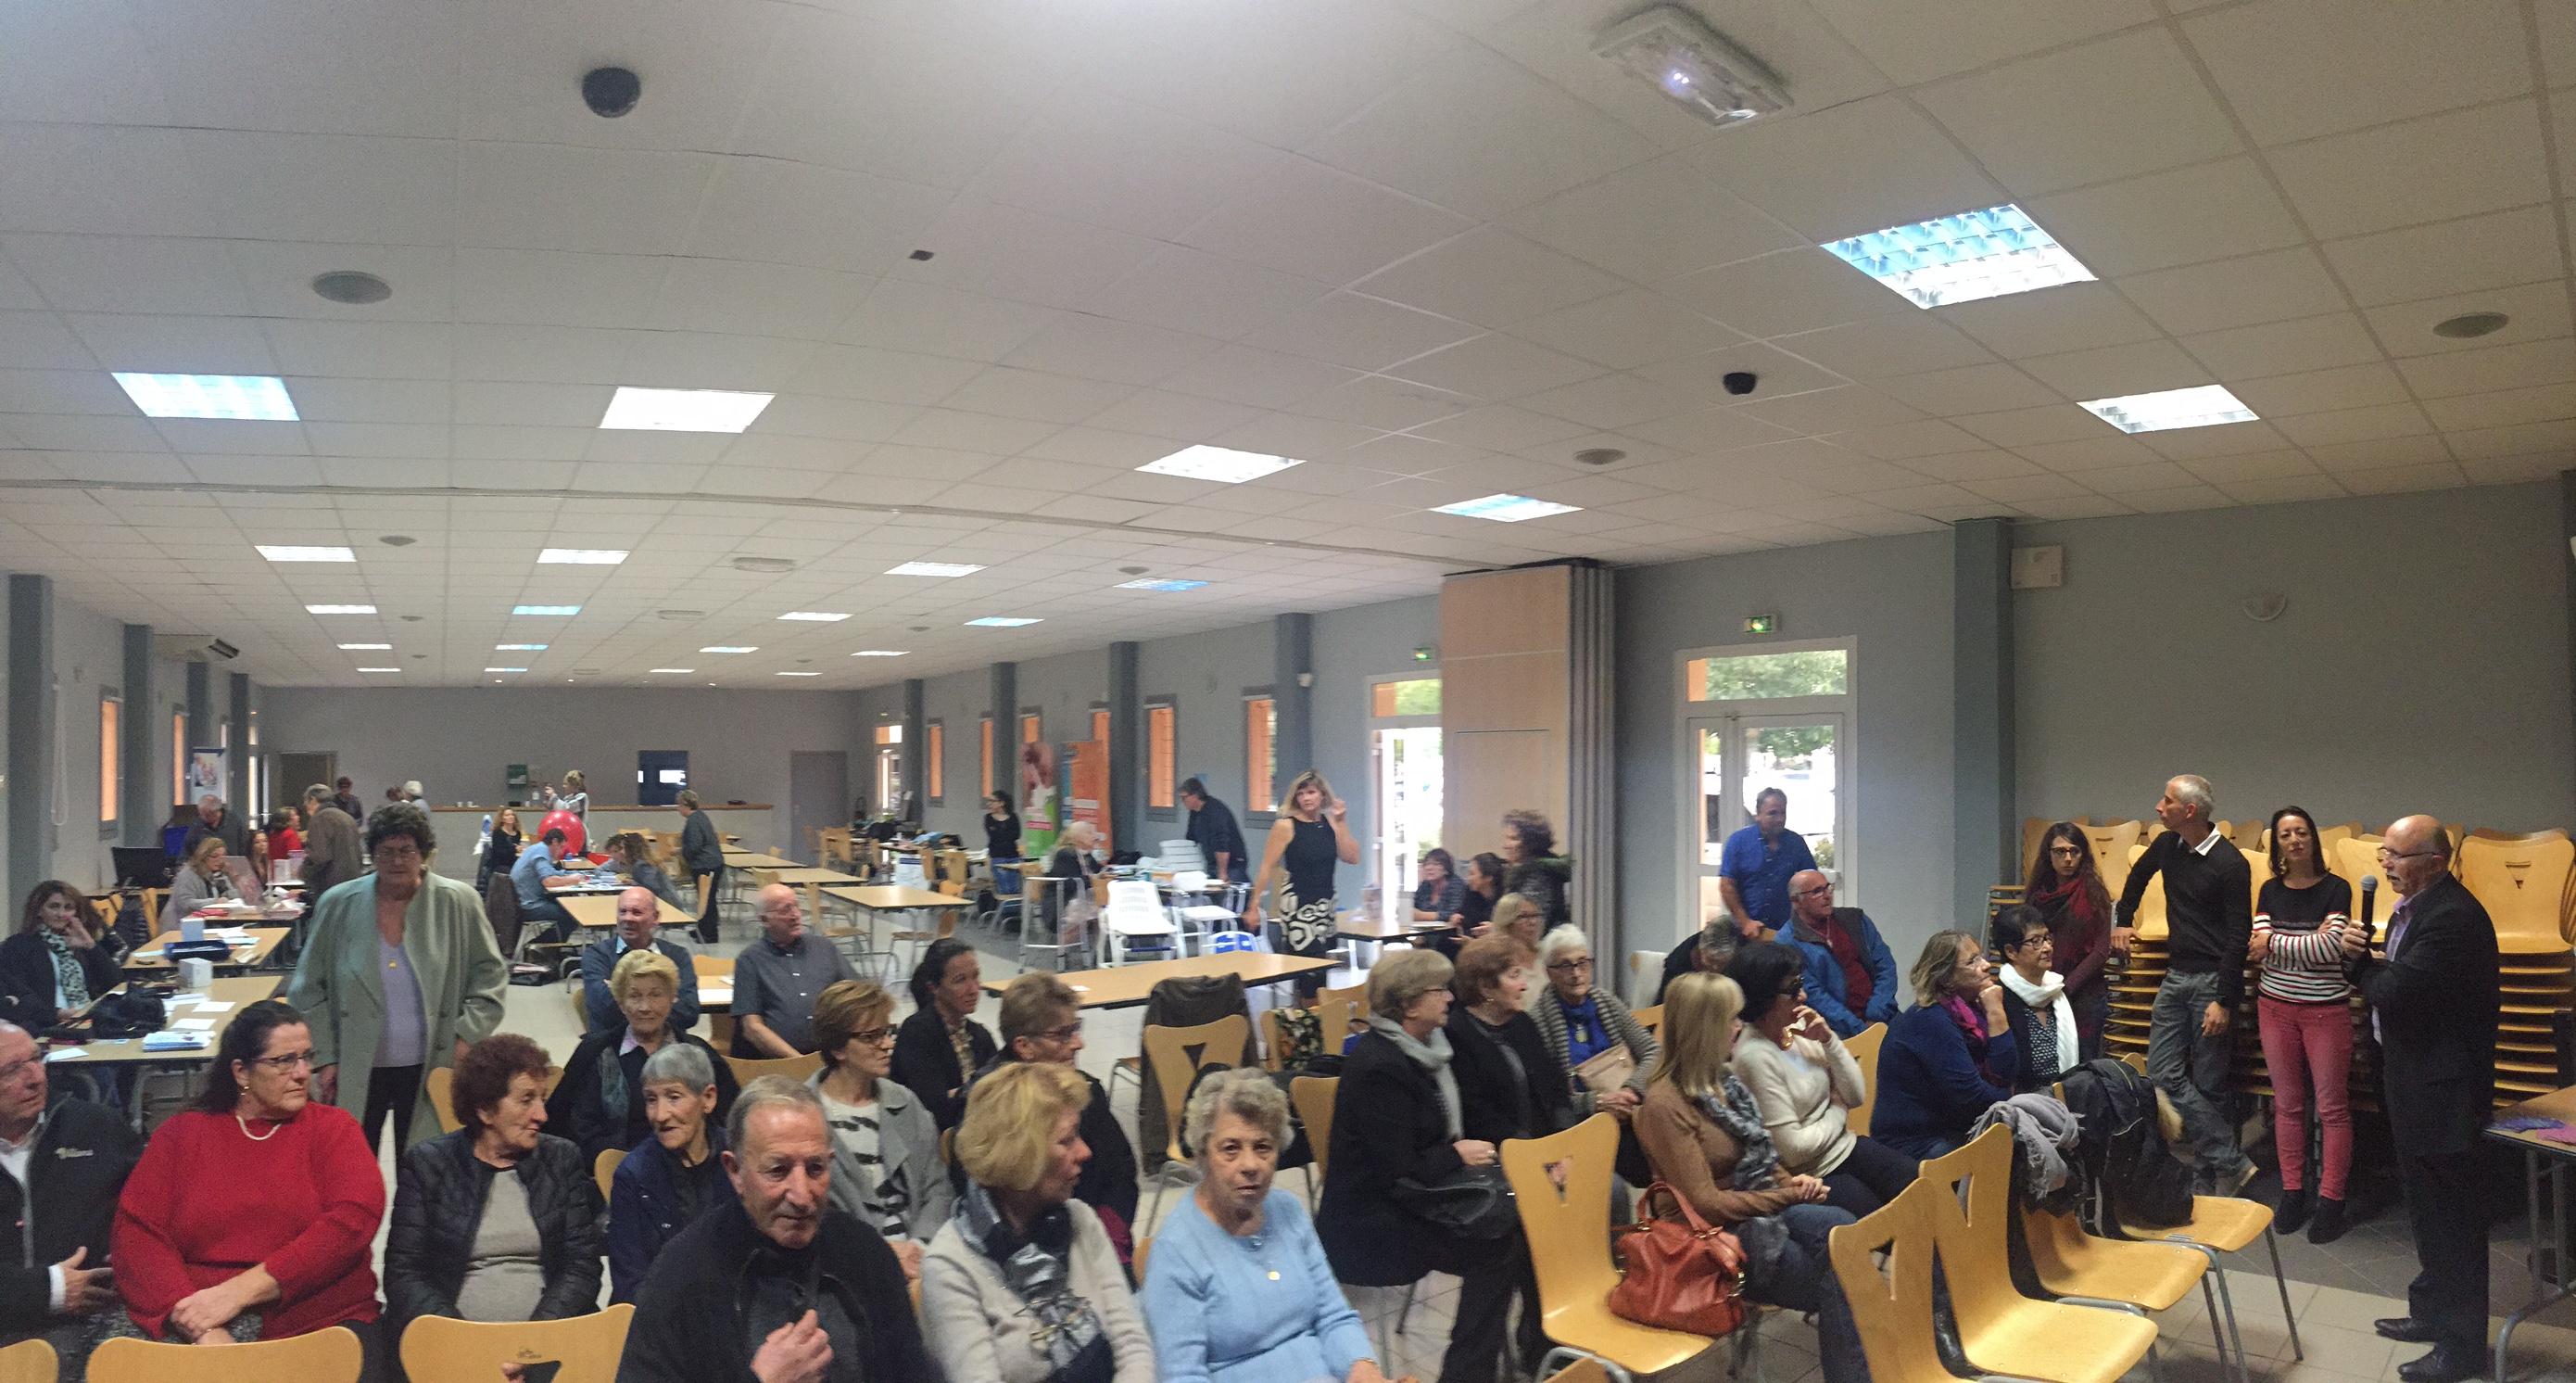 Journée bleue consacrée aux personnes âgées ce mercredi à Ghisonaccia.